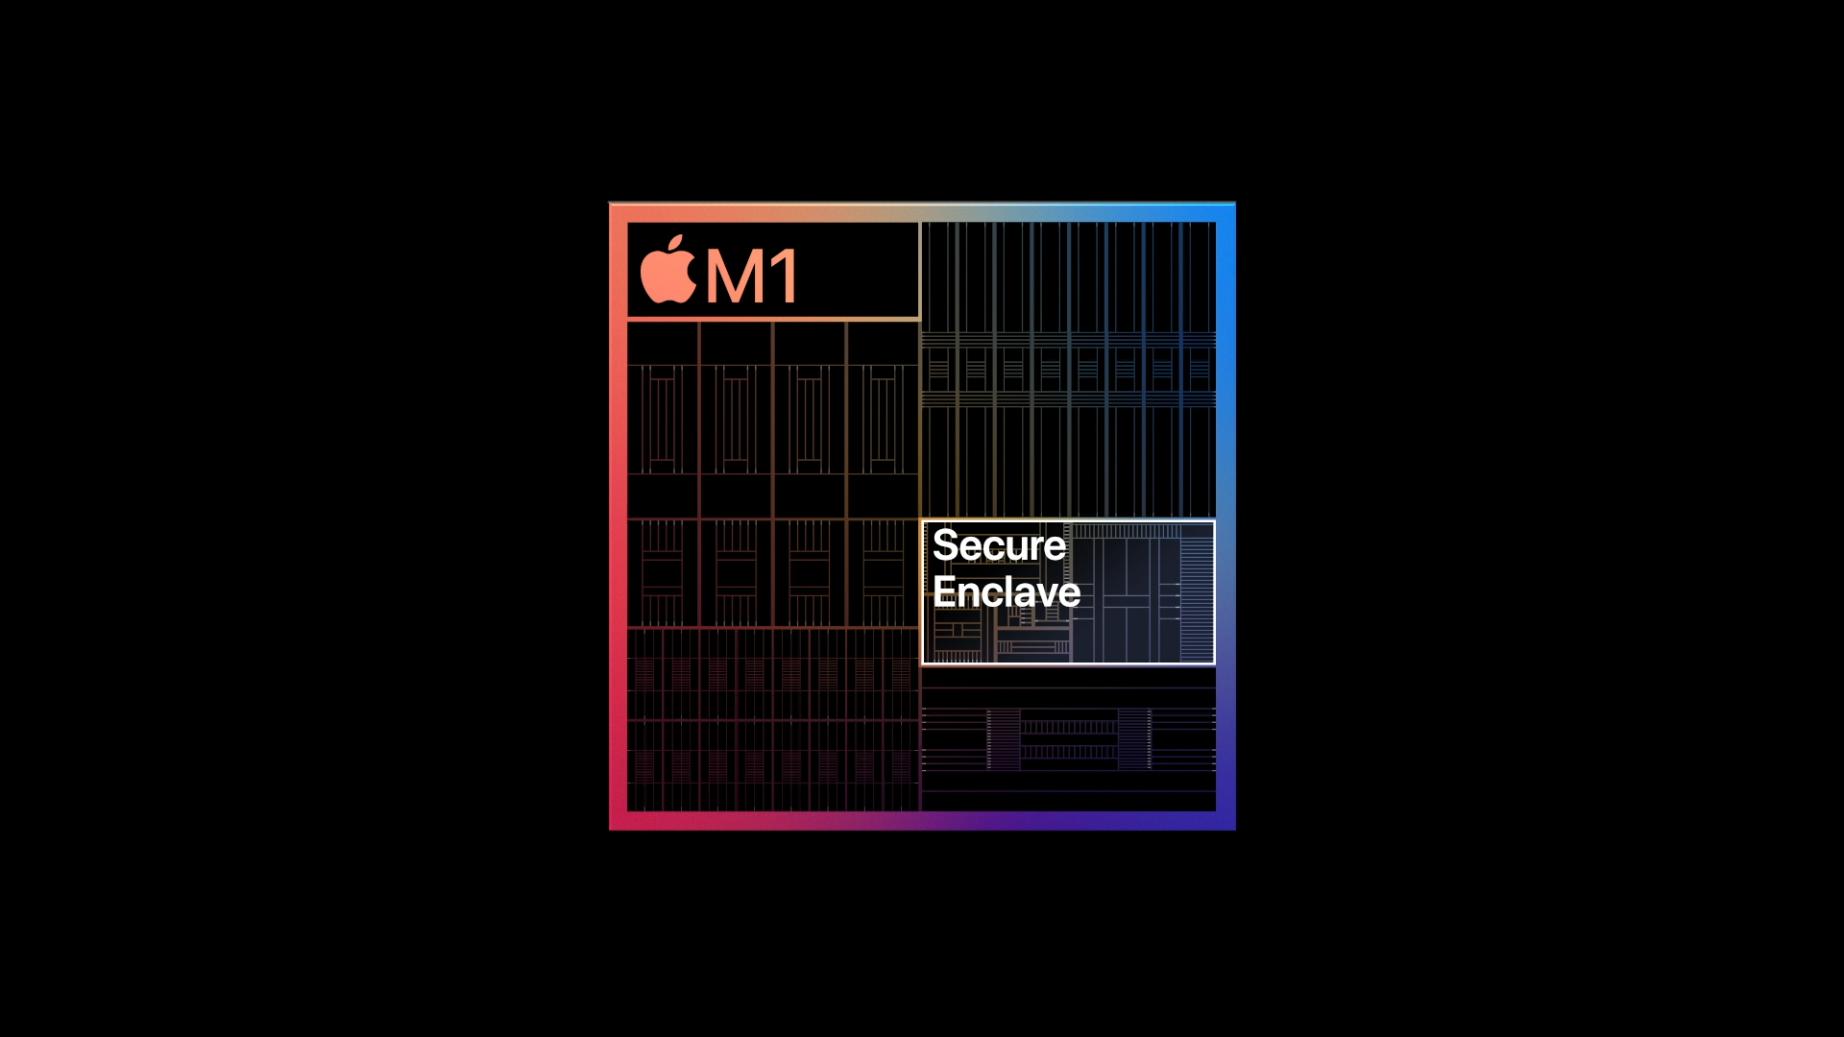 Apple Silicon: Was der M1-Chip kann und bedeutet - In der Secure Enclave liegen unter anderem Login-Daten. (Bild: Apple)